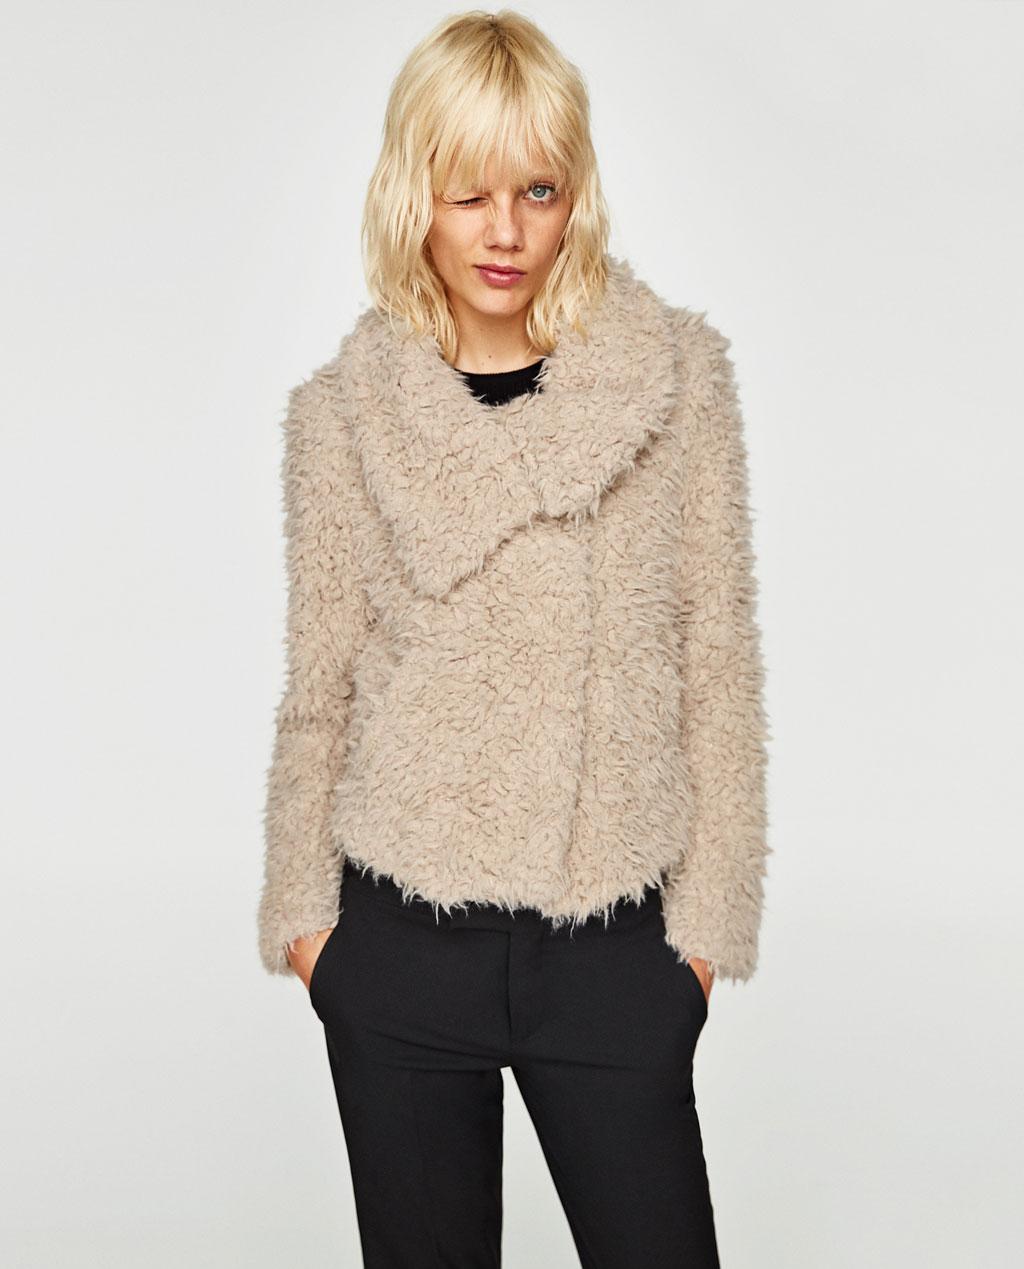 The Zara Jacket You Need Now